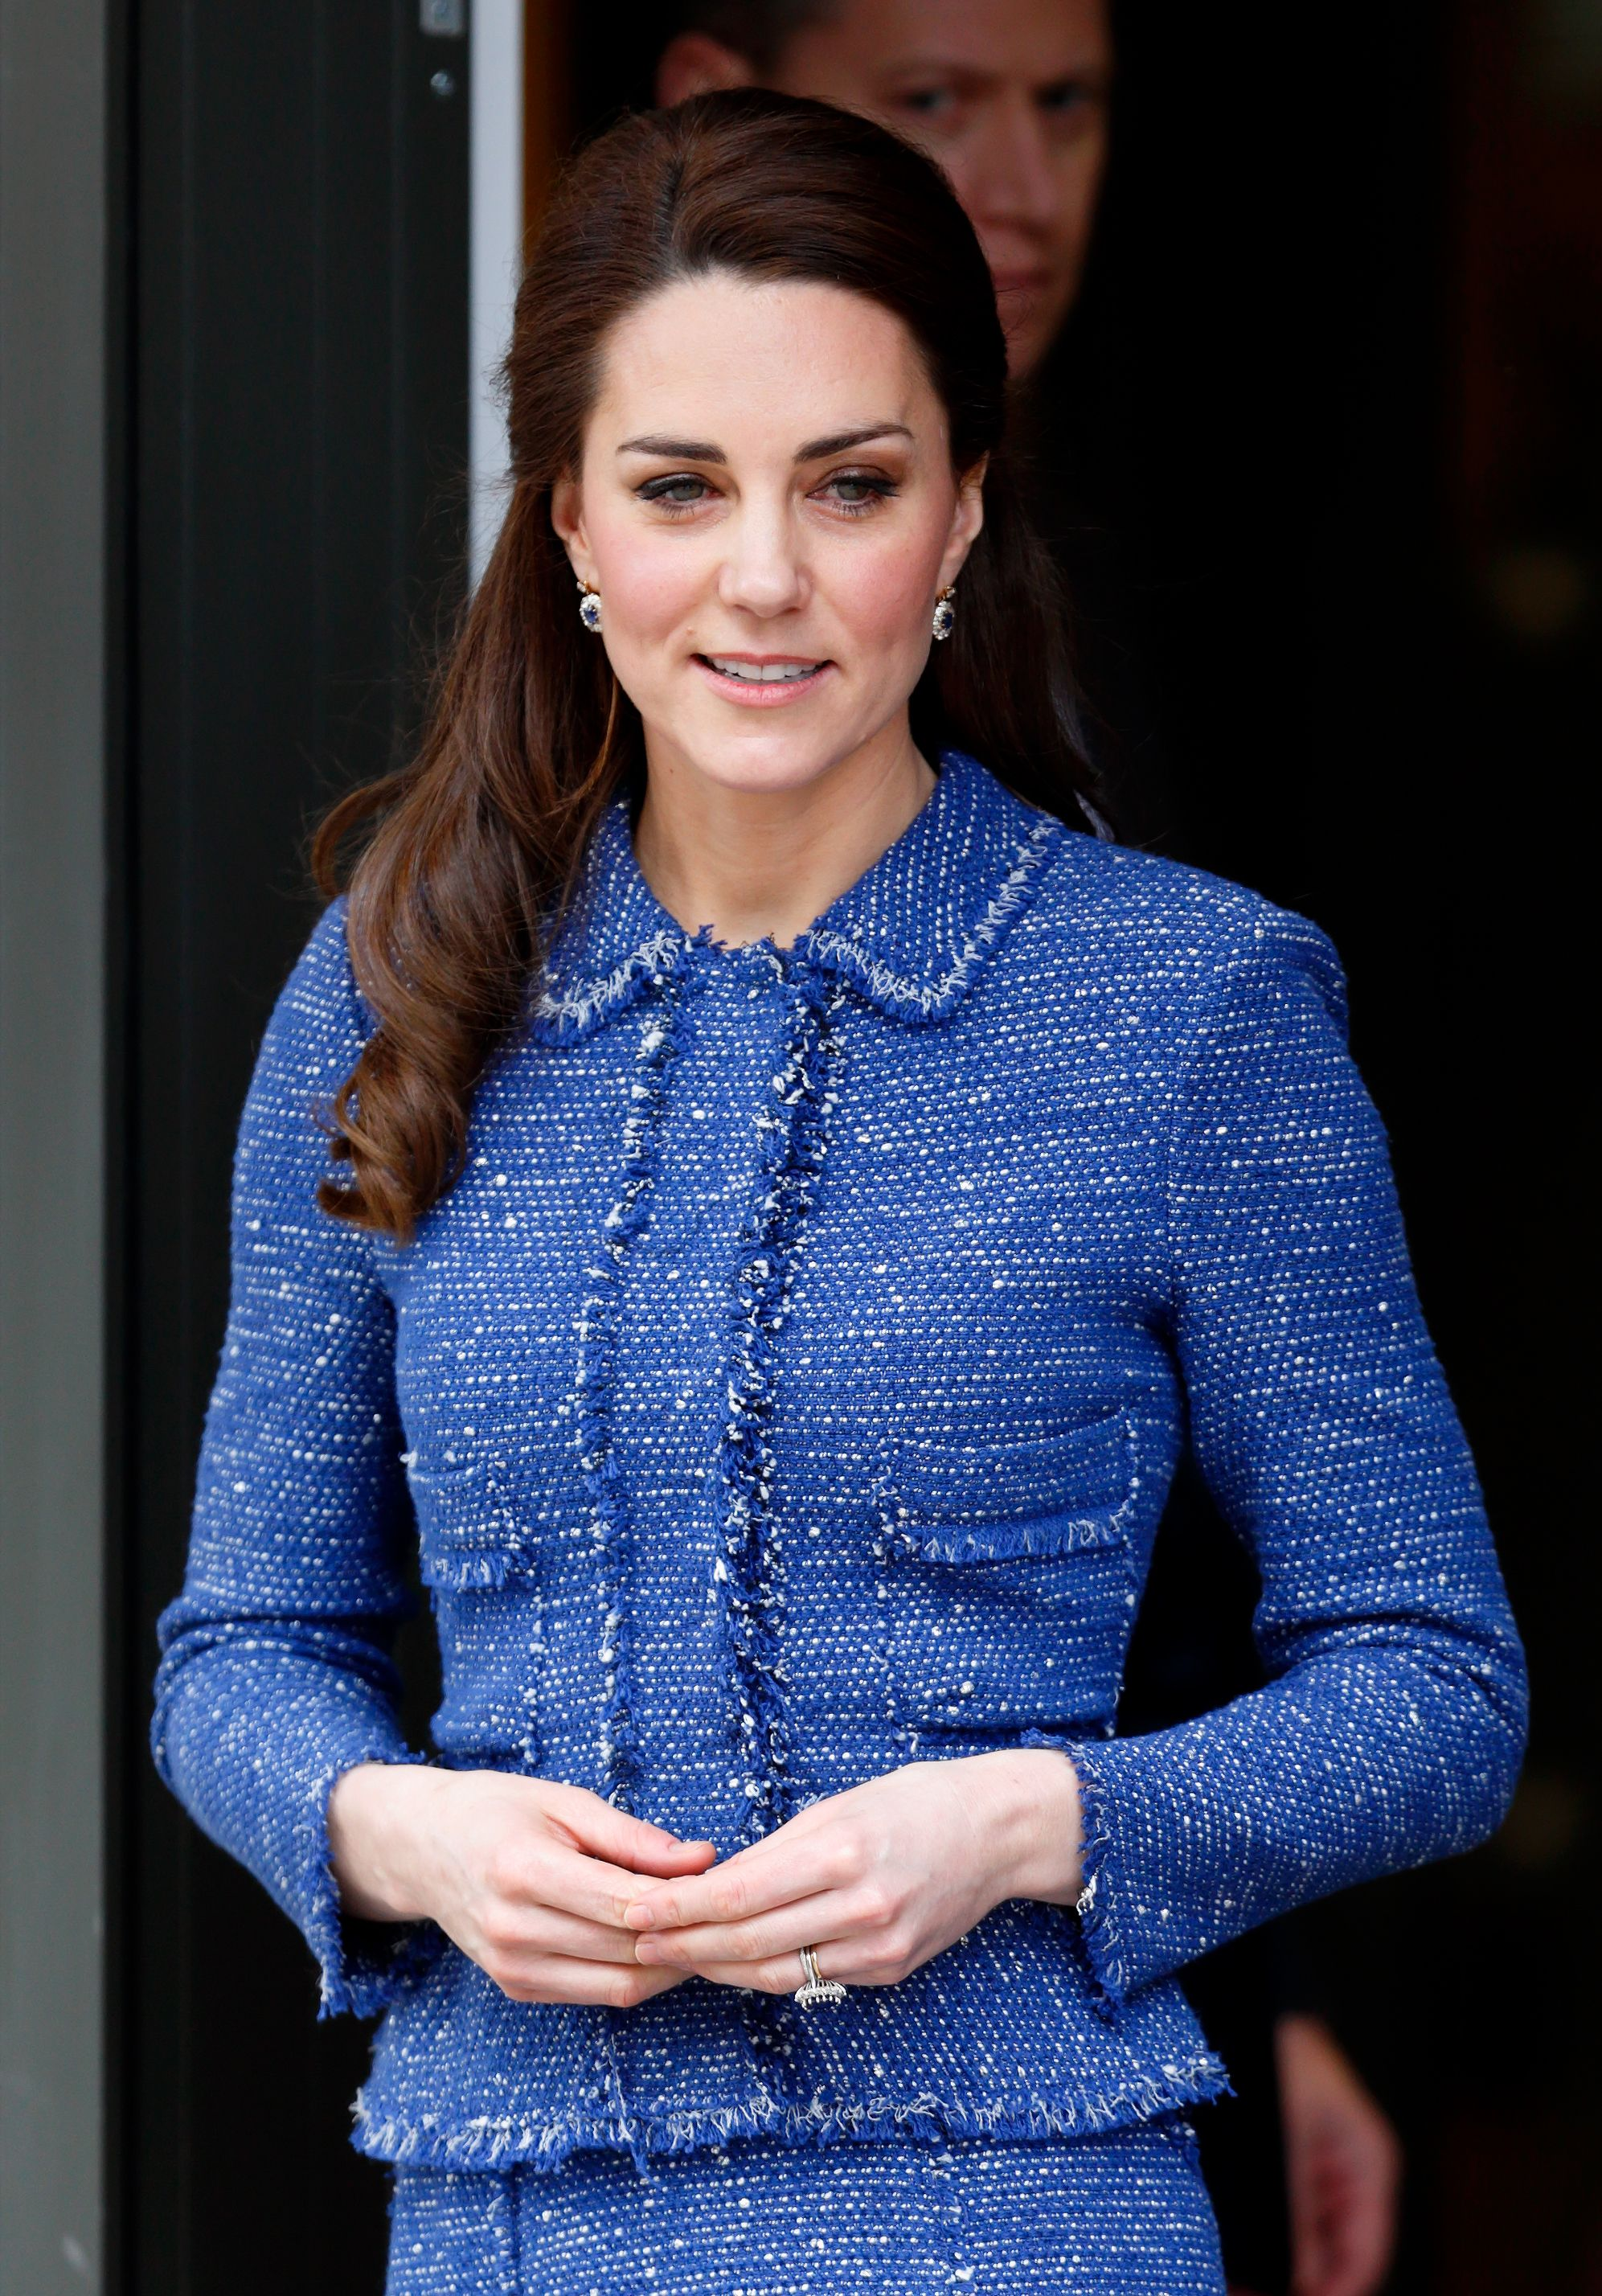 Кейт Миддлтон пообщалась с учителями: для онлайн-встречи герцогиня надела старый пиджак